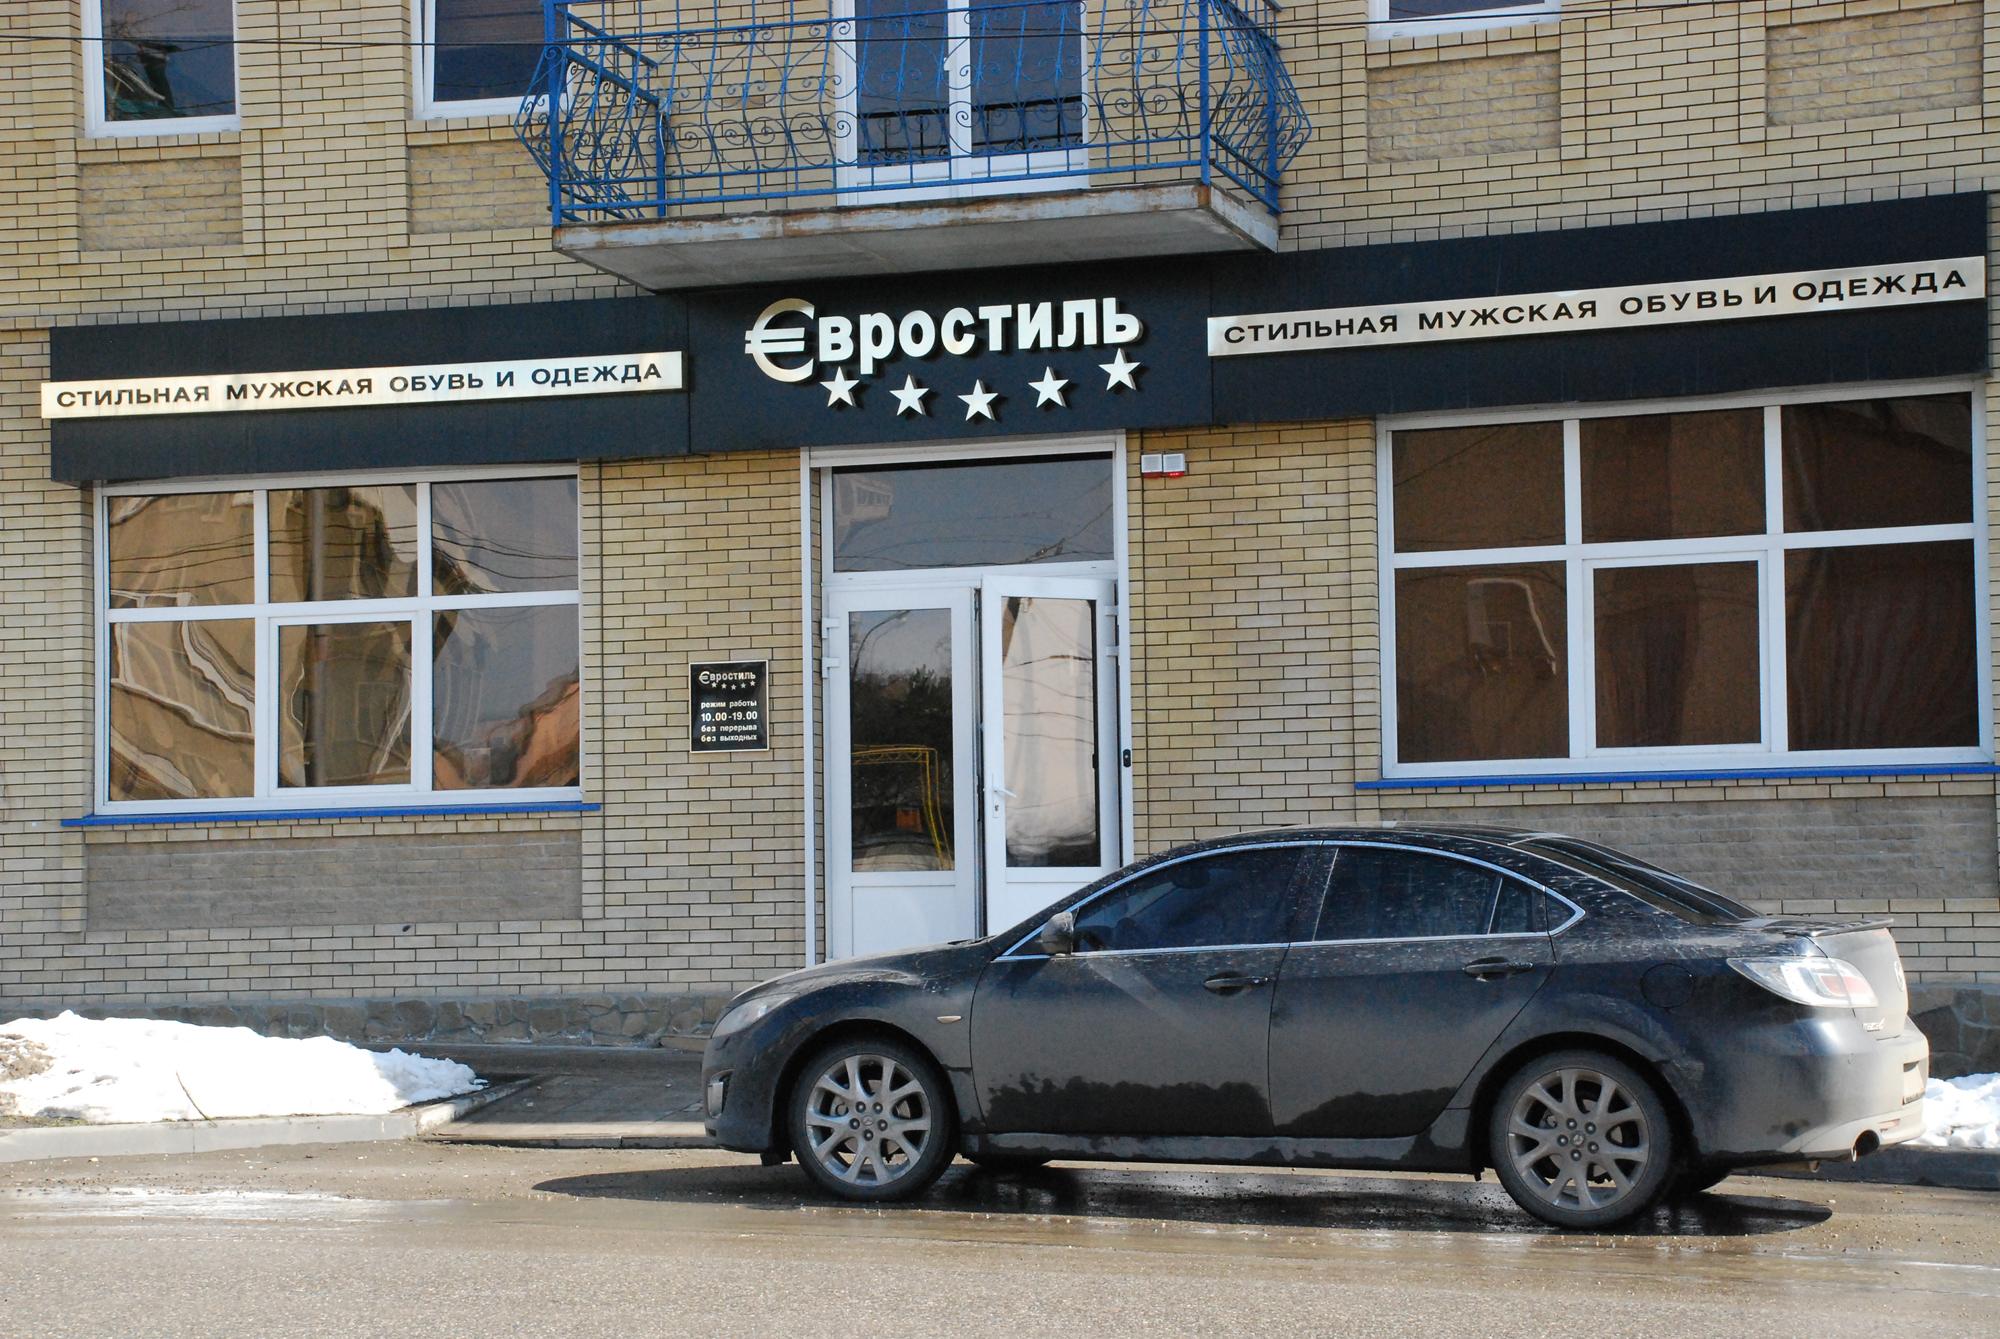 Магазин миллениум, город пятигорск